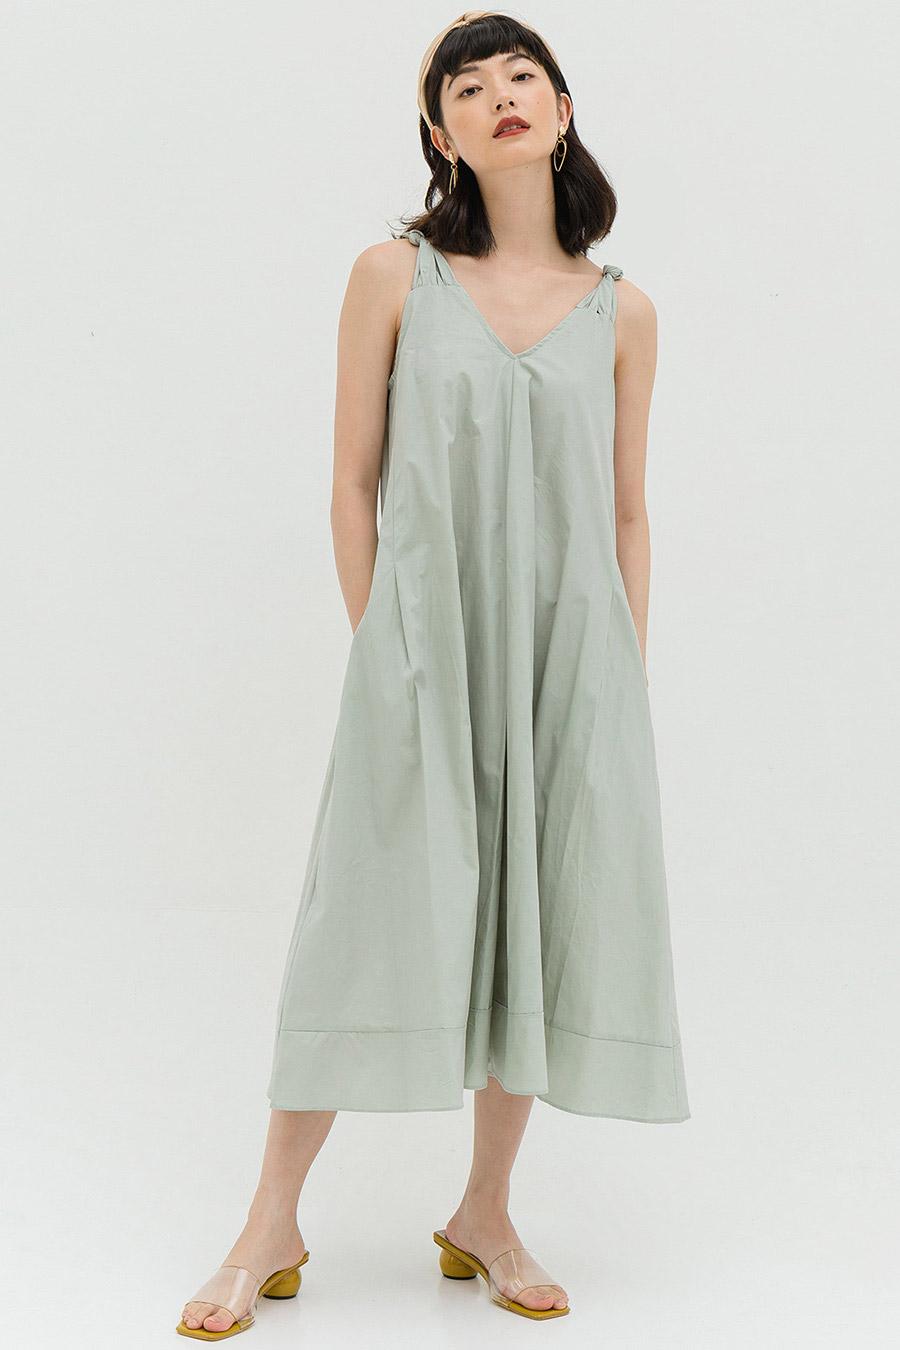 LEA DRESS - SEAGLASS